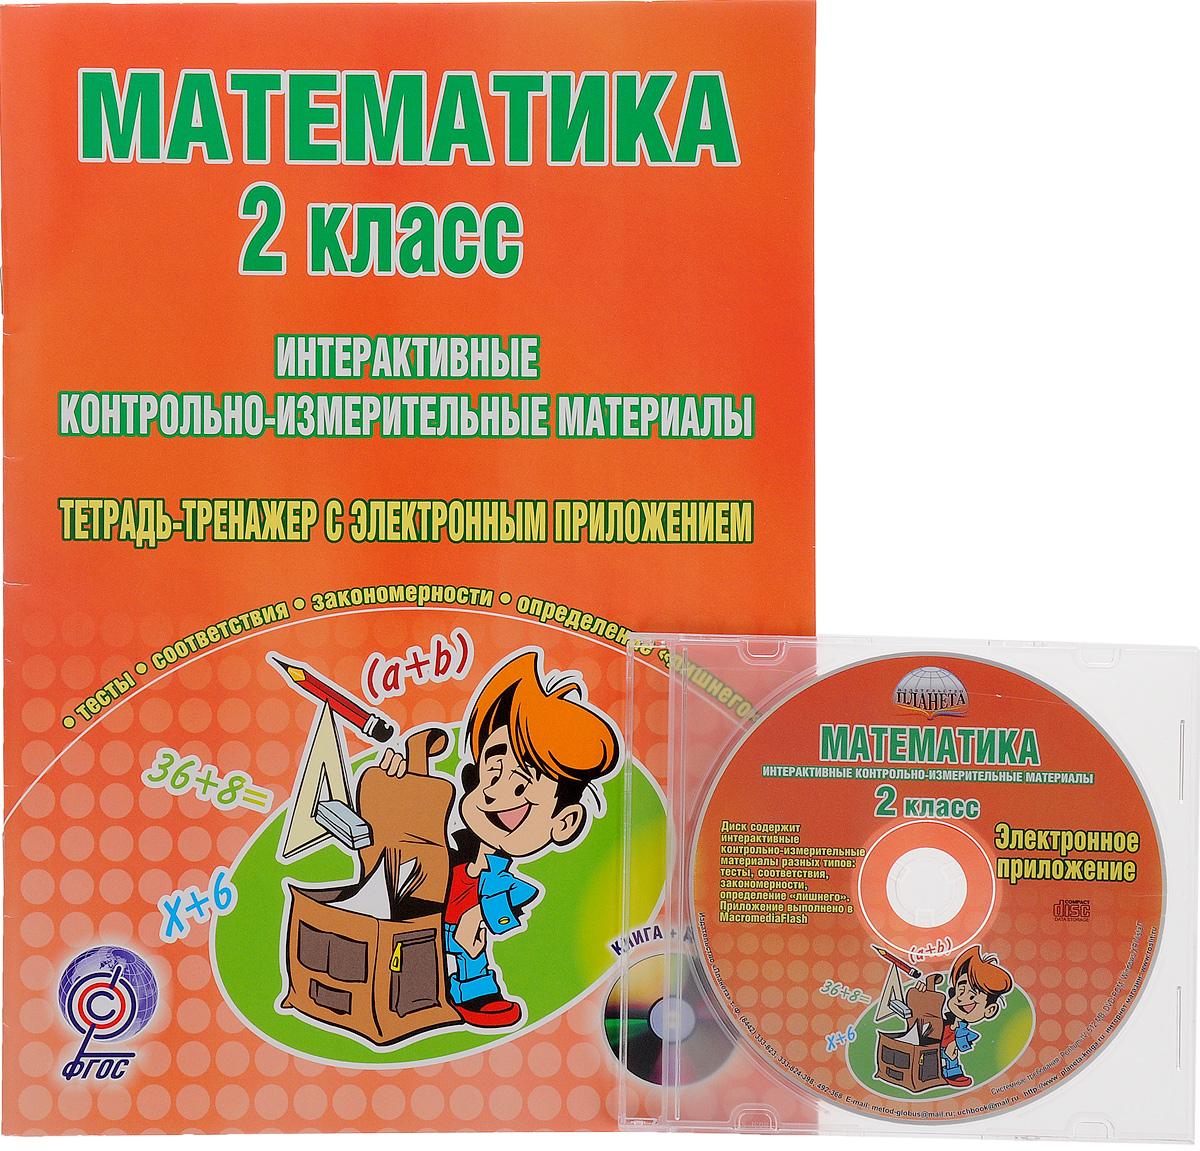 Математика. 2 класс. Интерактивные контролько-измерительные материалы. тетрадь-тренажер с электронным приложением (+ CD)